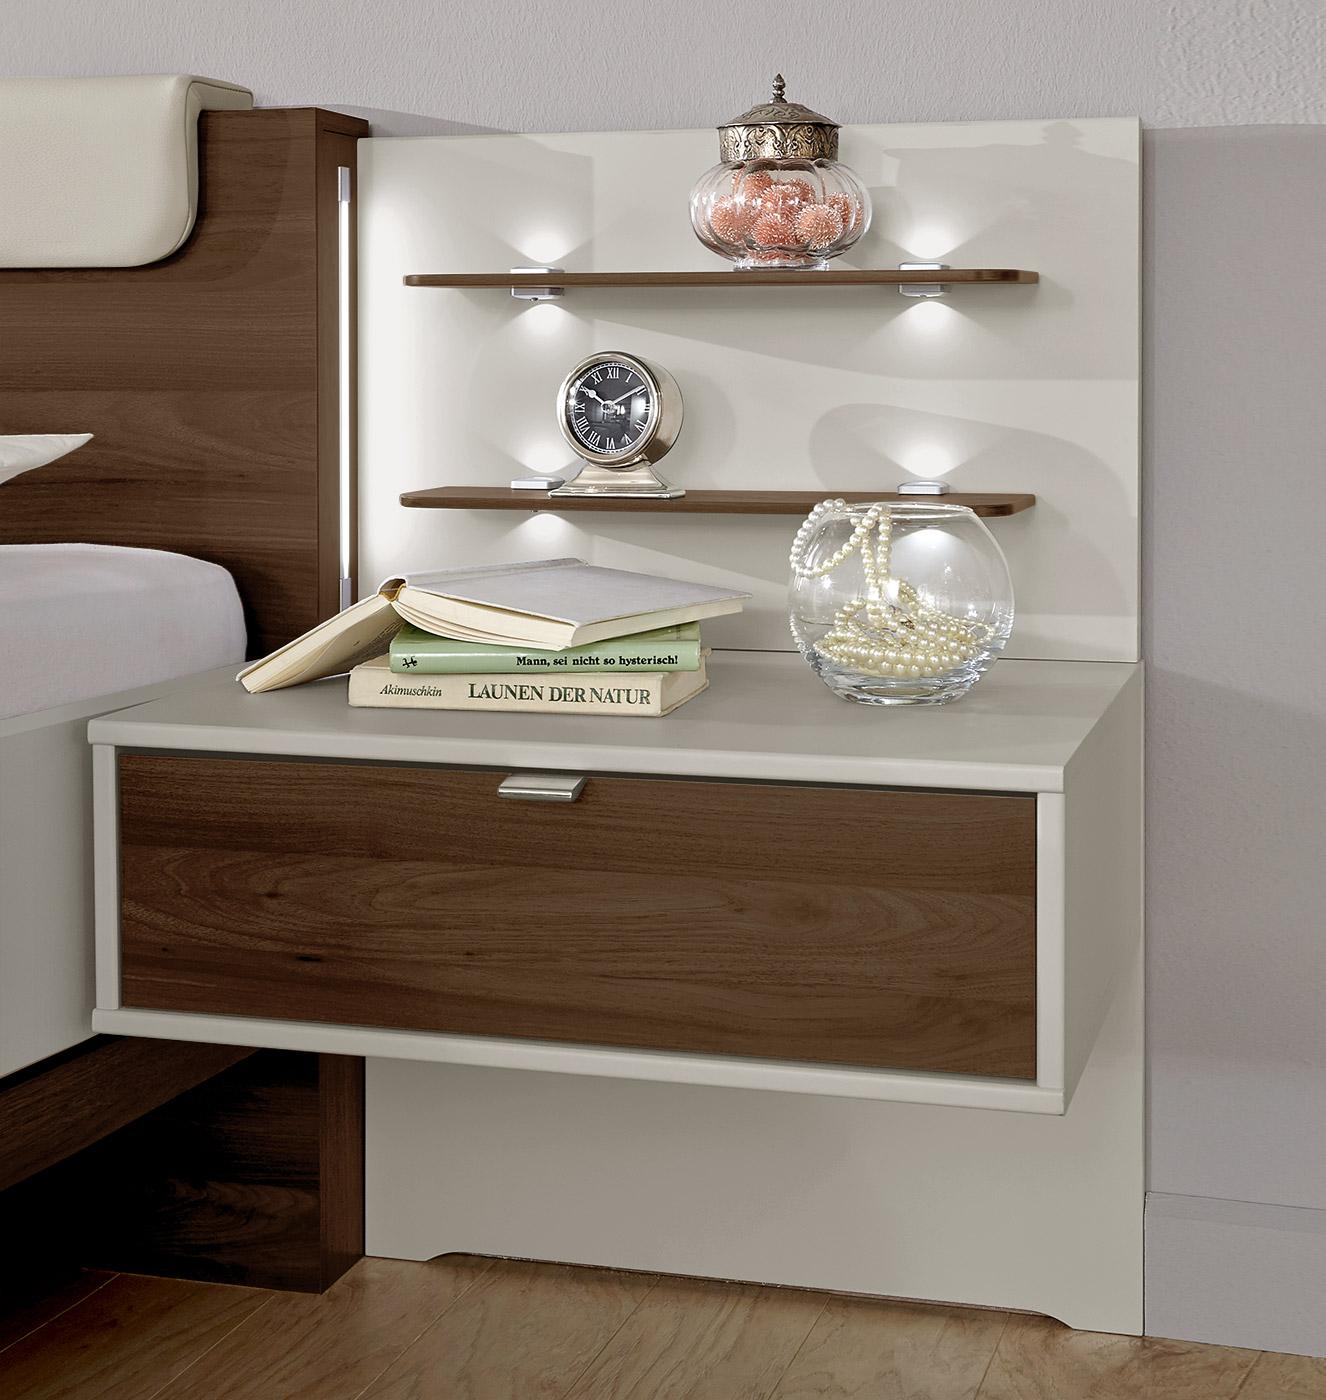 Moderner Schubladen Nachttisch Für Schweberahmenbett Patiala